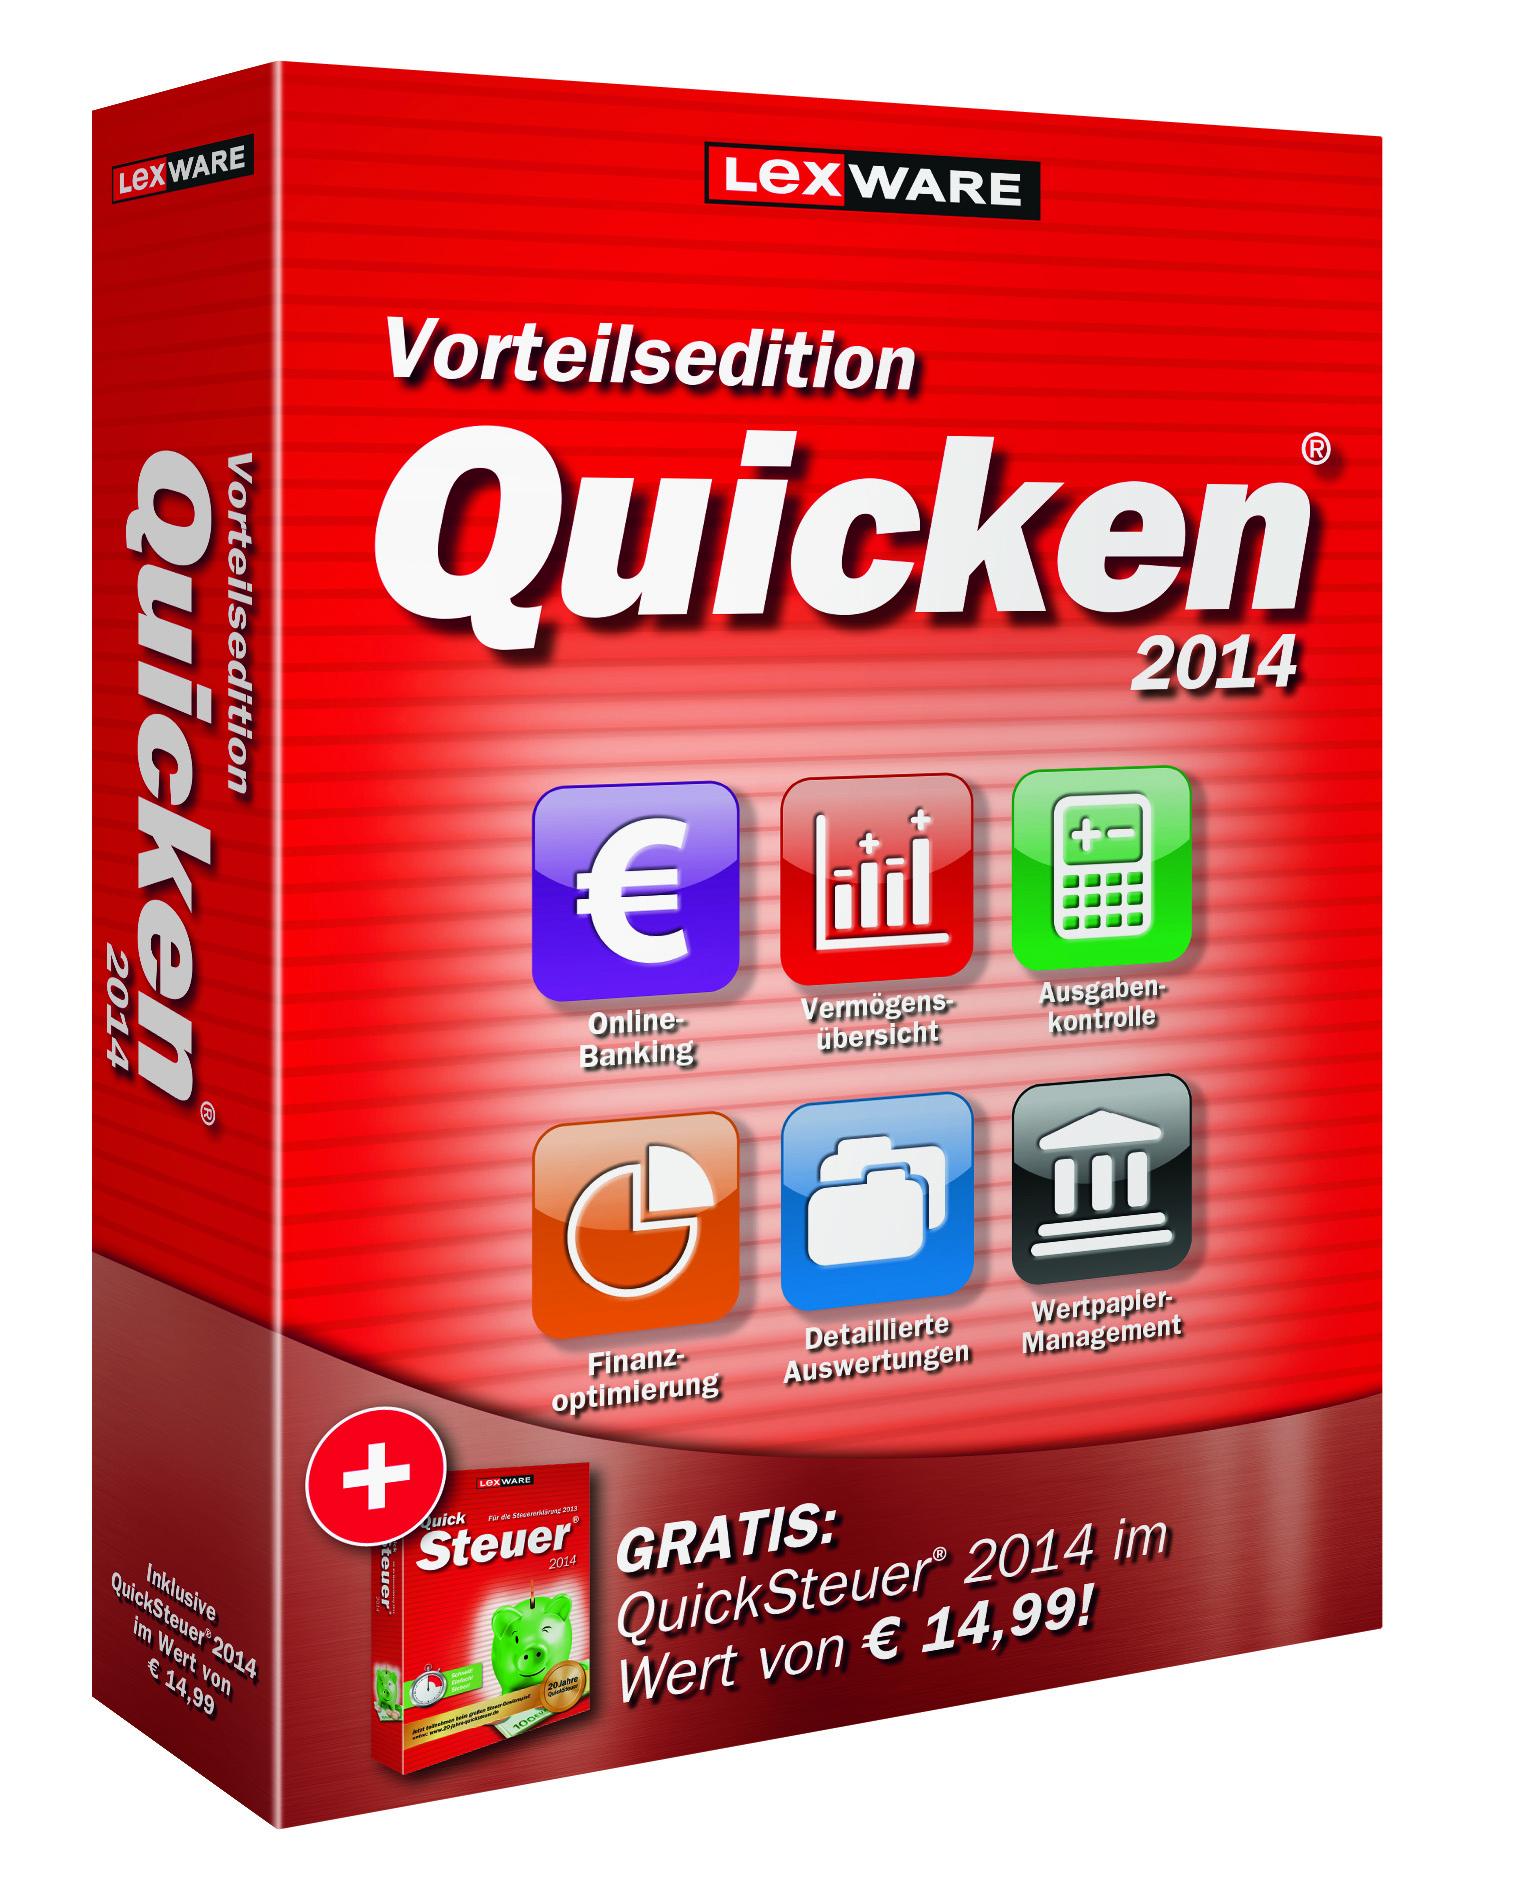 Lexware Quicken 2014 Vorteilsedition- Persönlicher